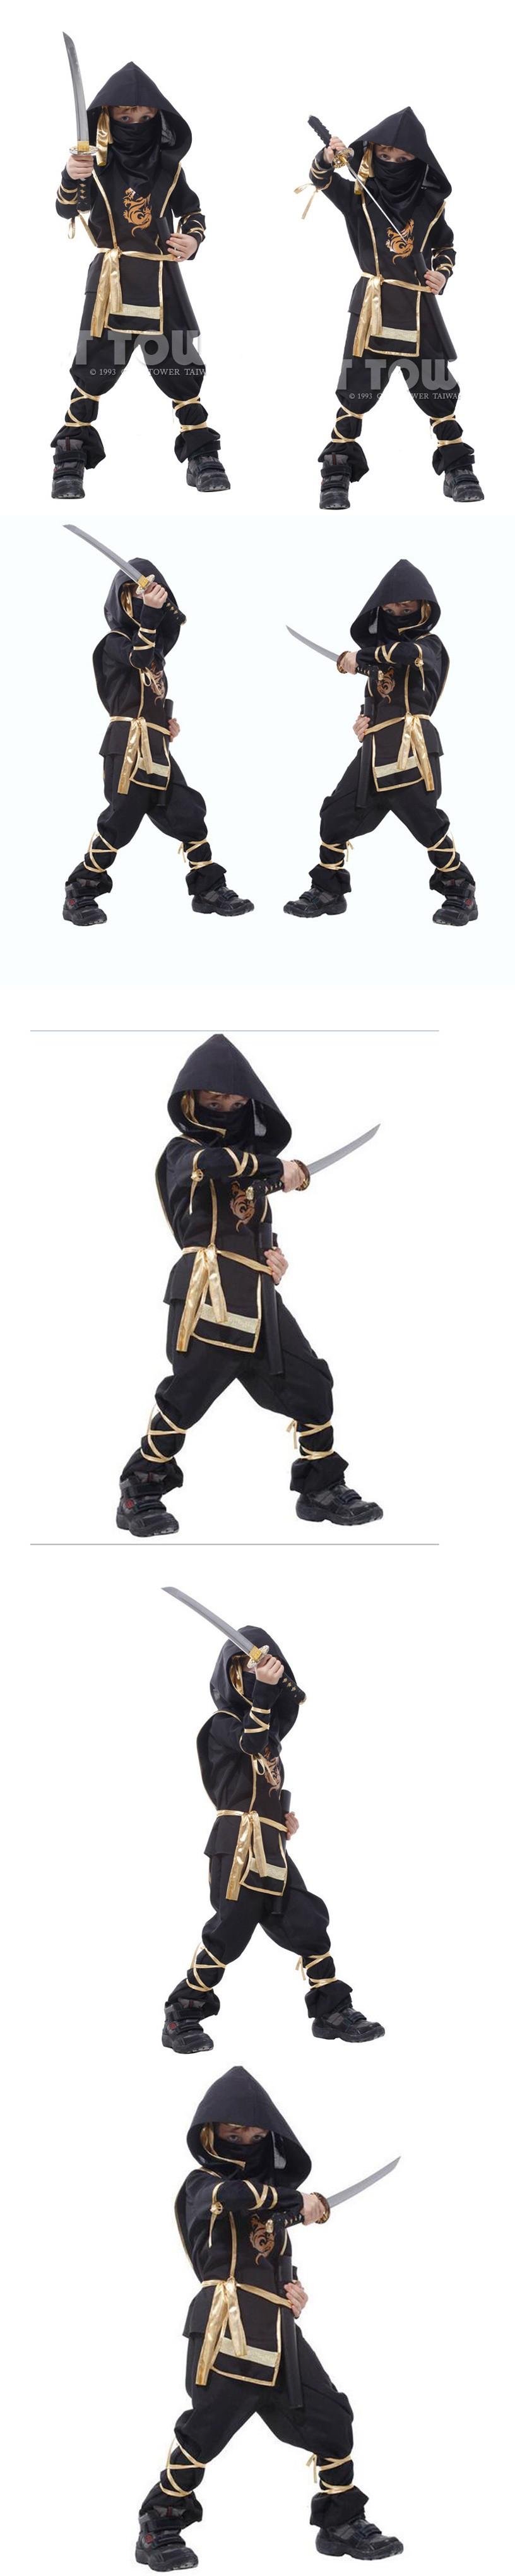 New Children Super Handsome Boy Kids Clothes Black Ninja Warrior ...